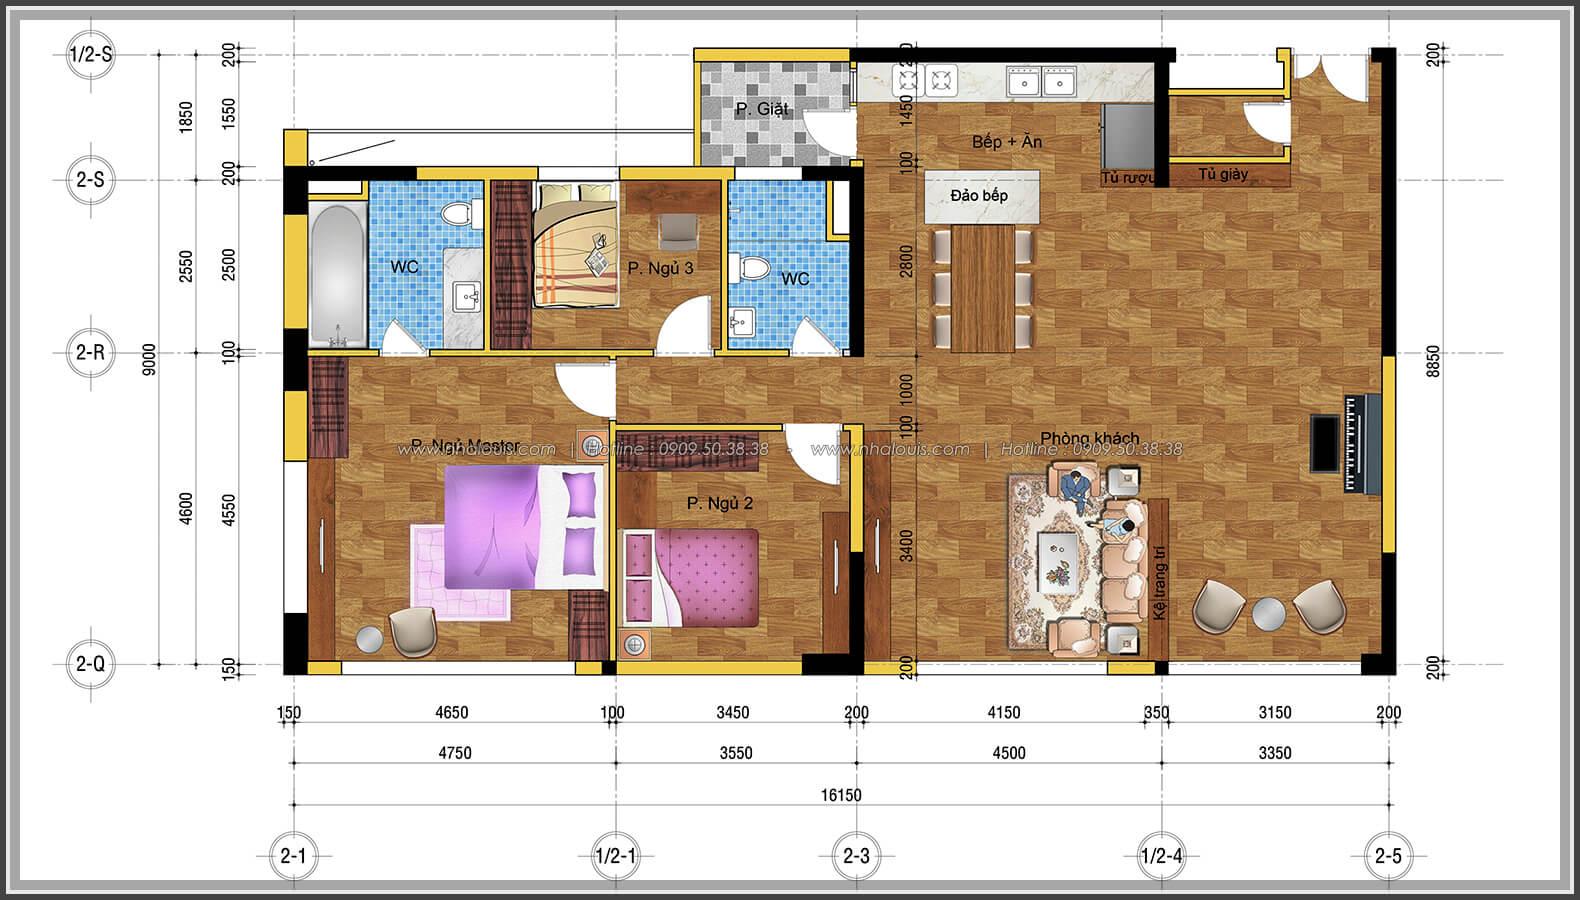 Mặt bằng tổng thể Thiết kế căn hộ chung cư 3 phòng ngủ Happy Valley quận 7 - 2